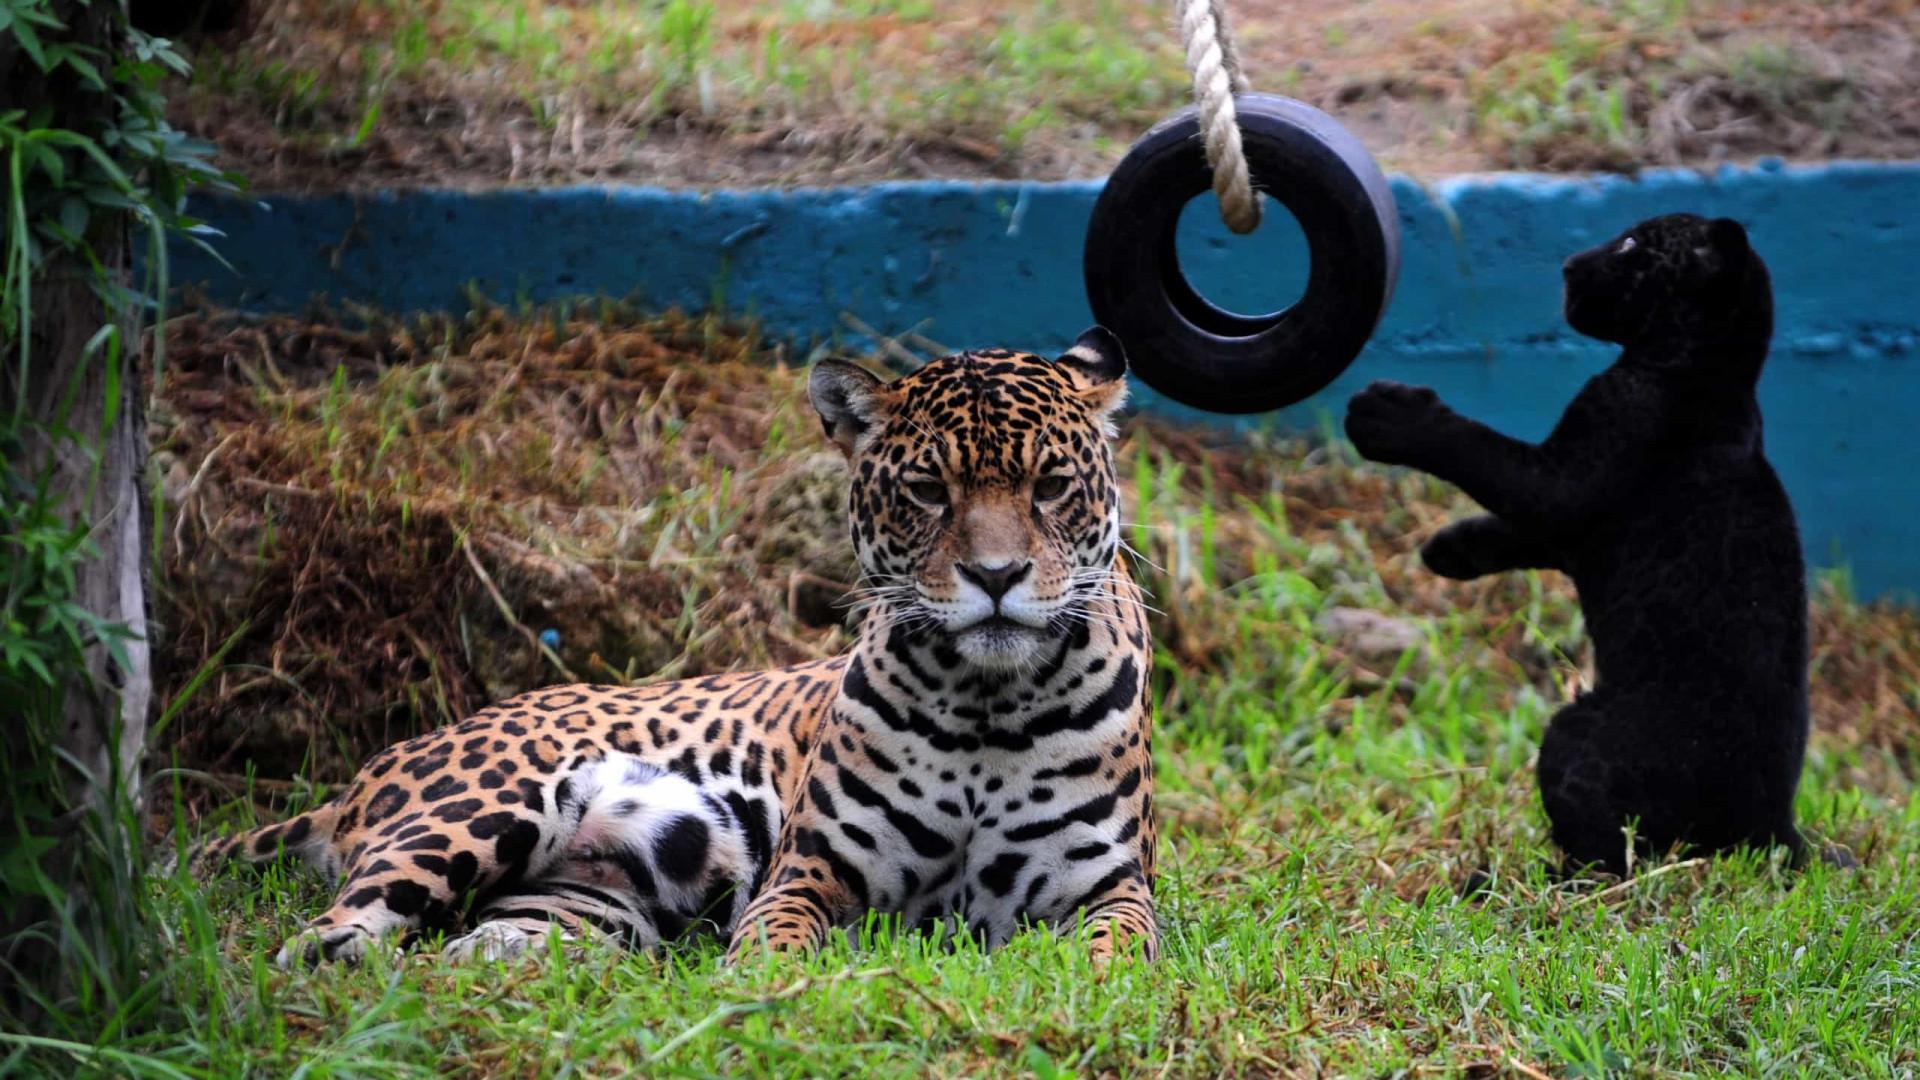 Com a pandemia, há um zoo que começou a plantar para alimentar os animais